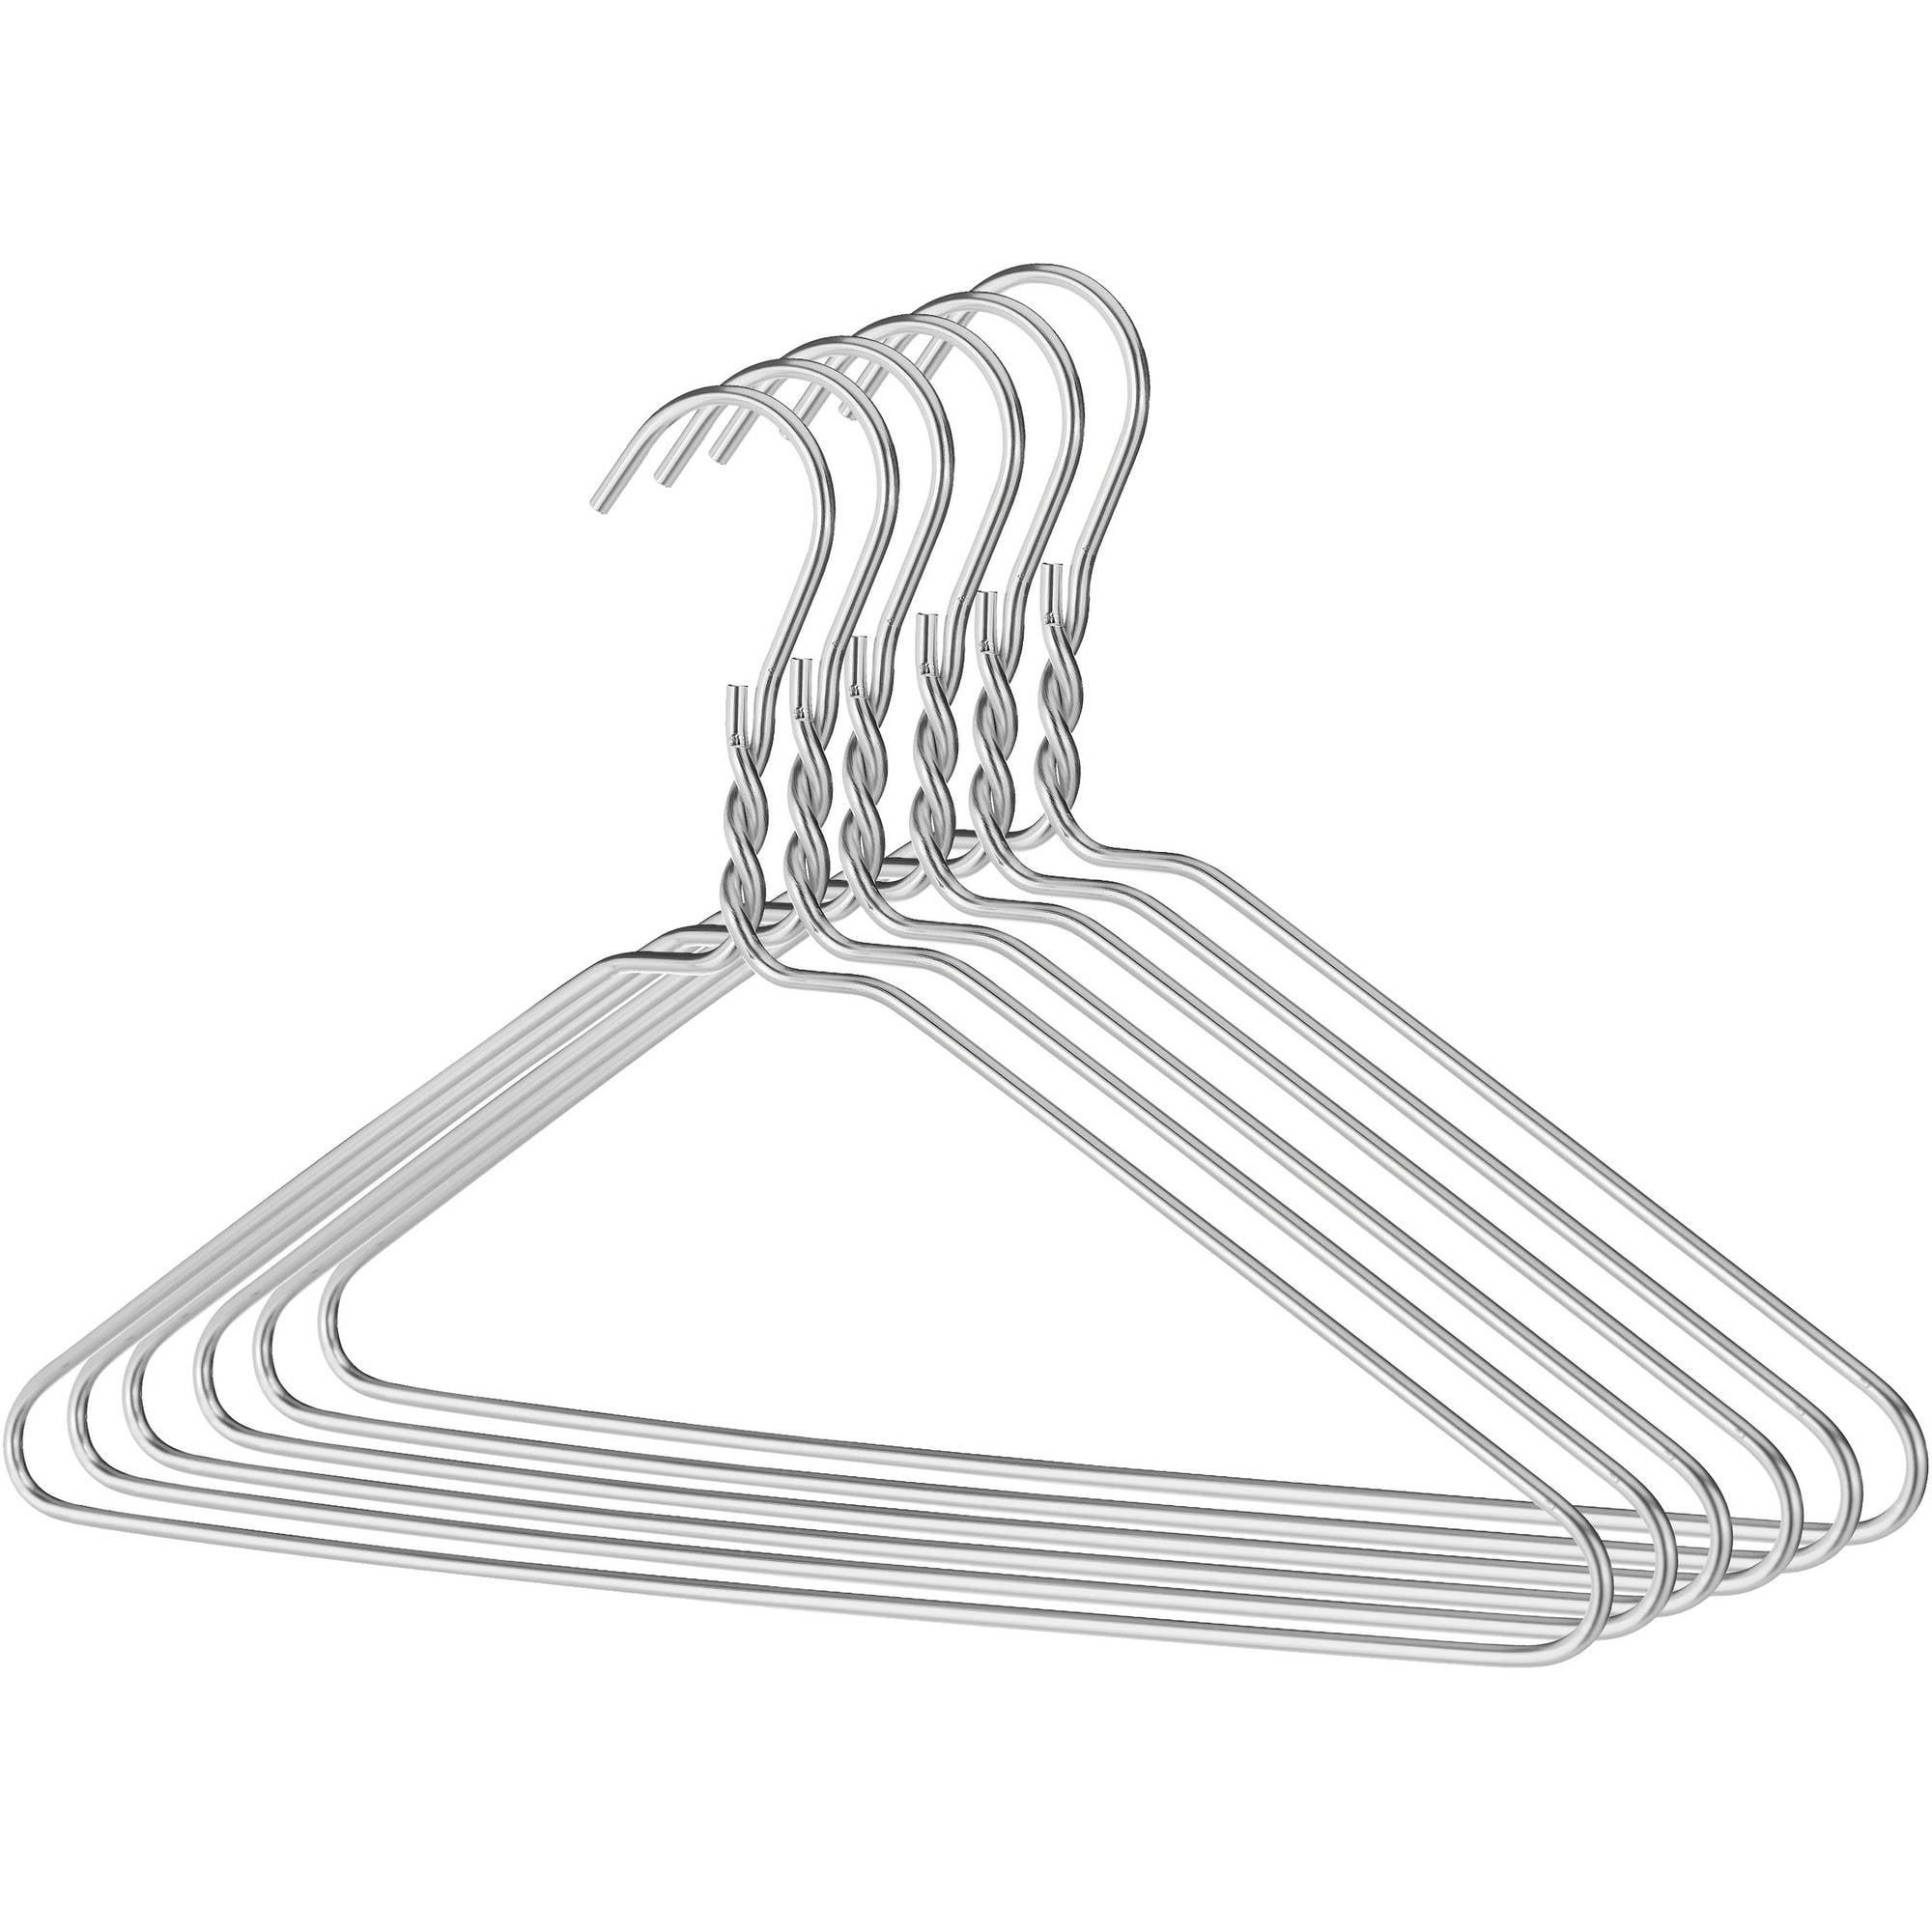 Whitmor Aluminum Chromed Clothes Hangers, Set of 6